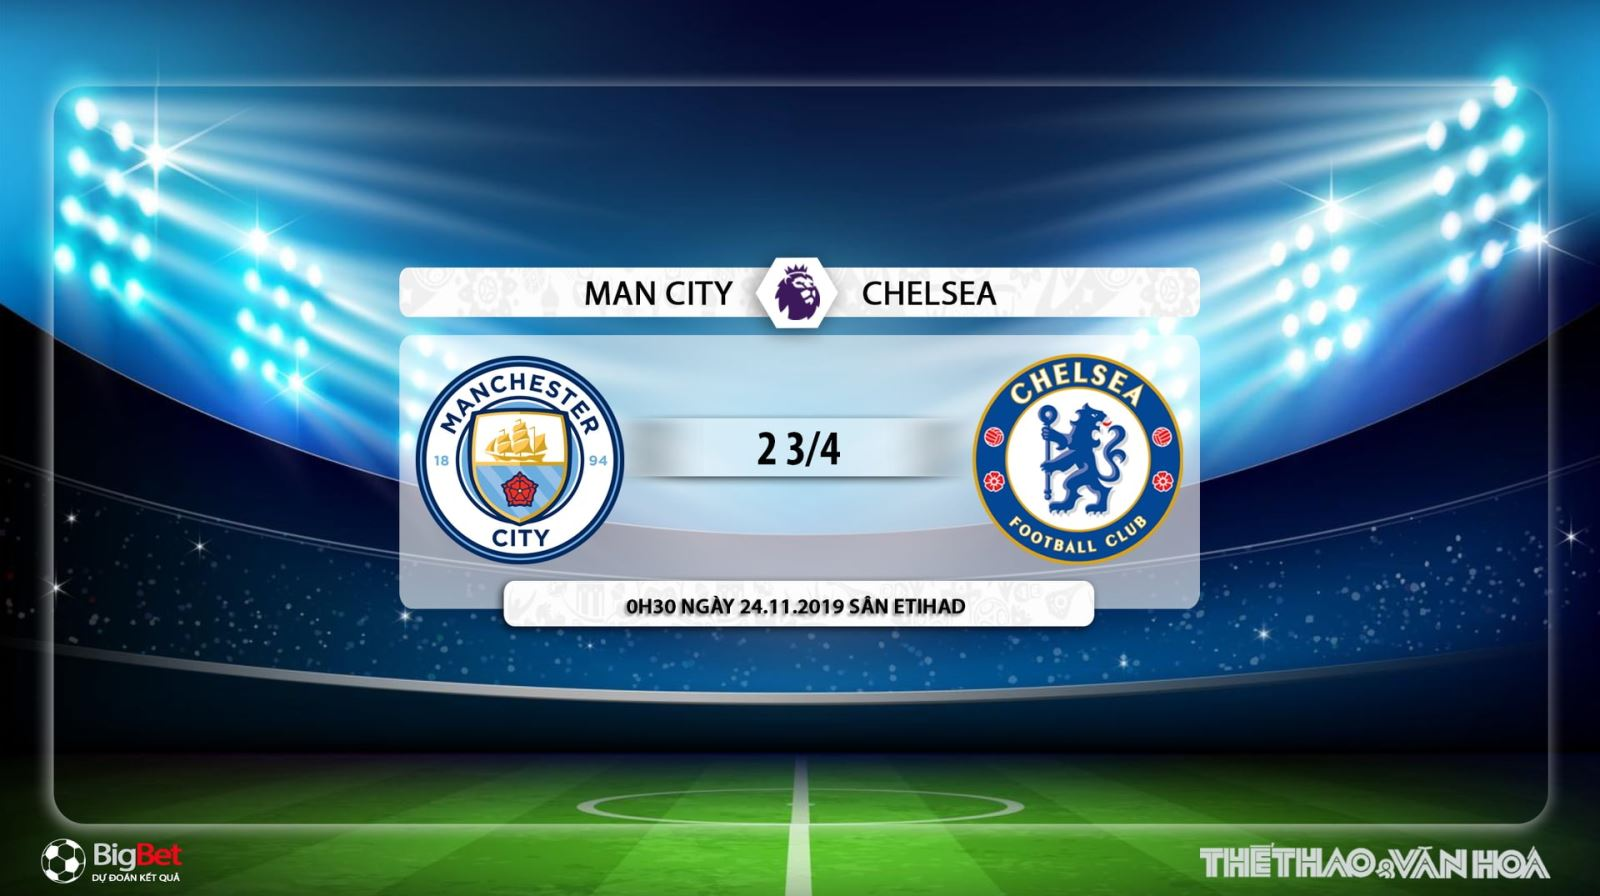 man city, chelsea, man city vs chelsea, dự đoán man city vs chelsea, soi kèo man city vs chelsea, trực tiếp bóng đá, K+, K+PM, K+PC